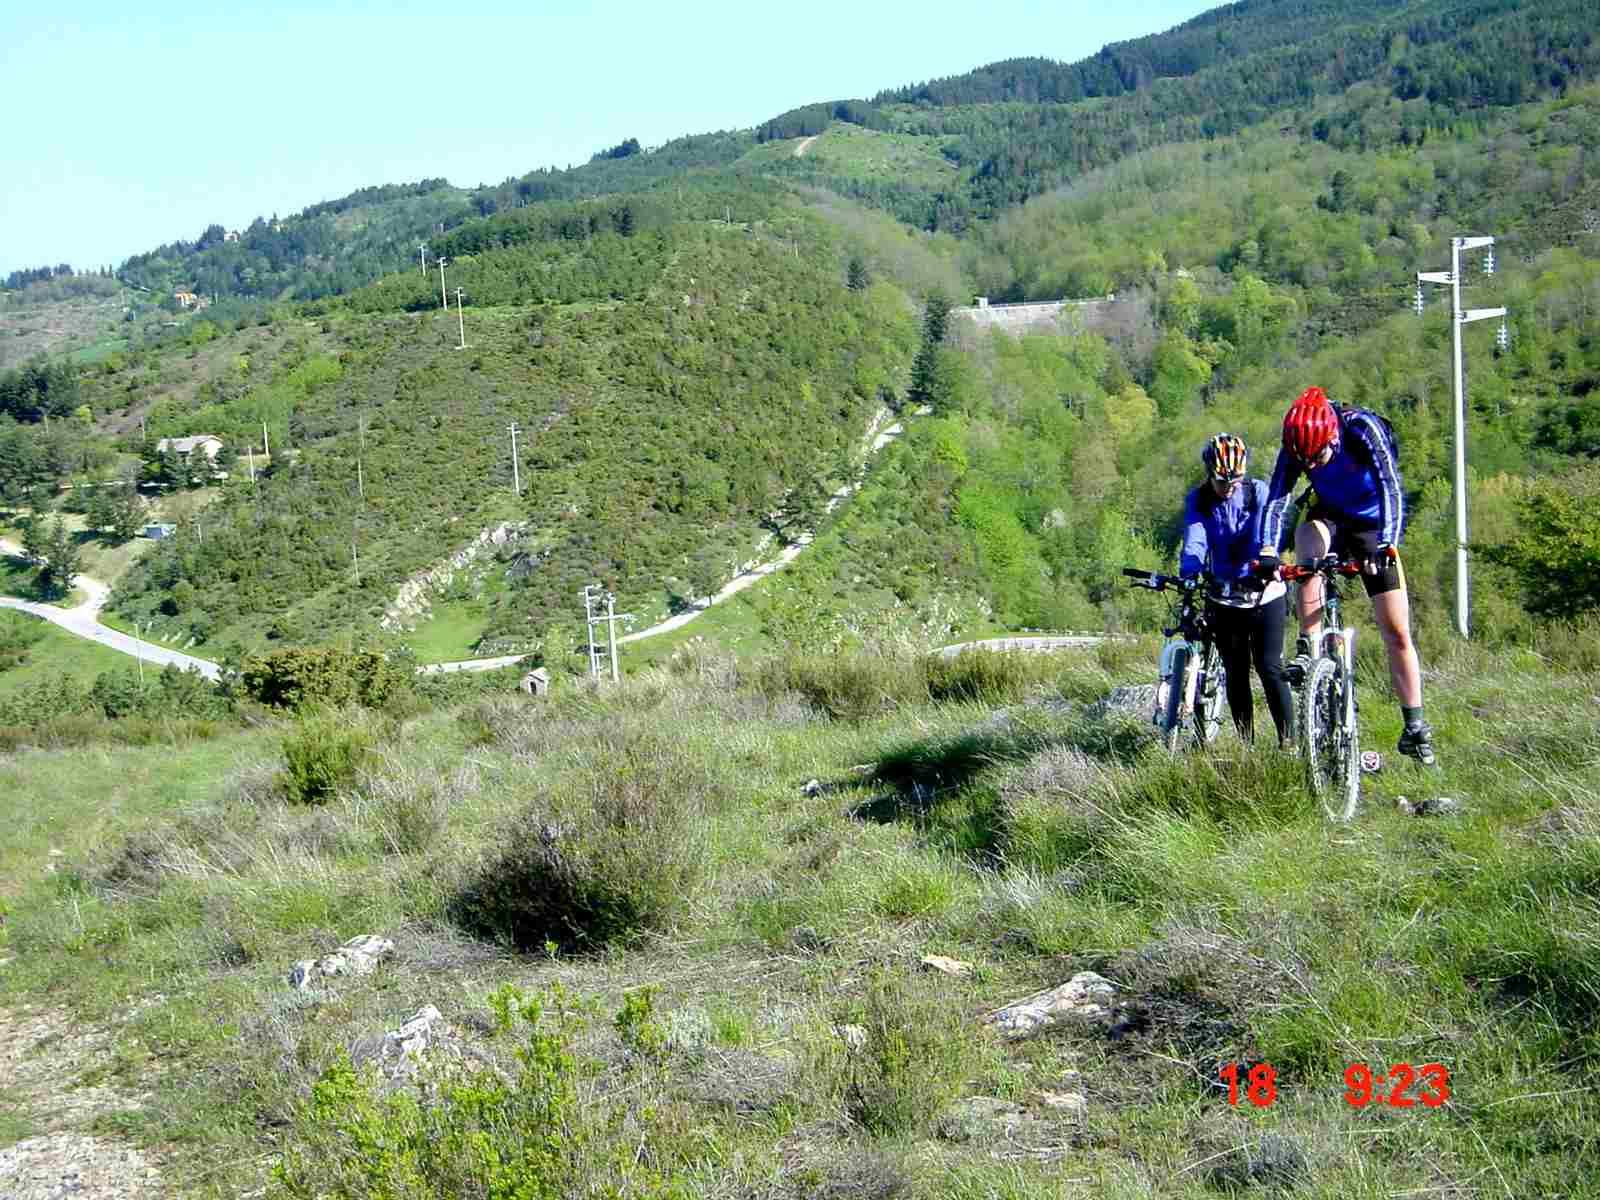 Foto: Manfred Karl / Mountainbike Tour / Monte Ginezzo, 928 m / 20.06.2007 06:20:57